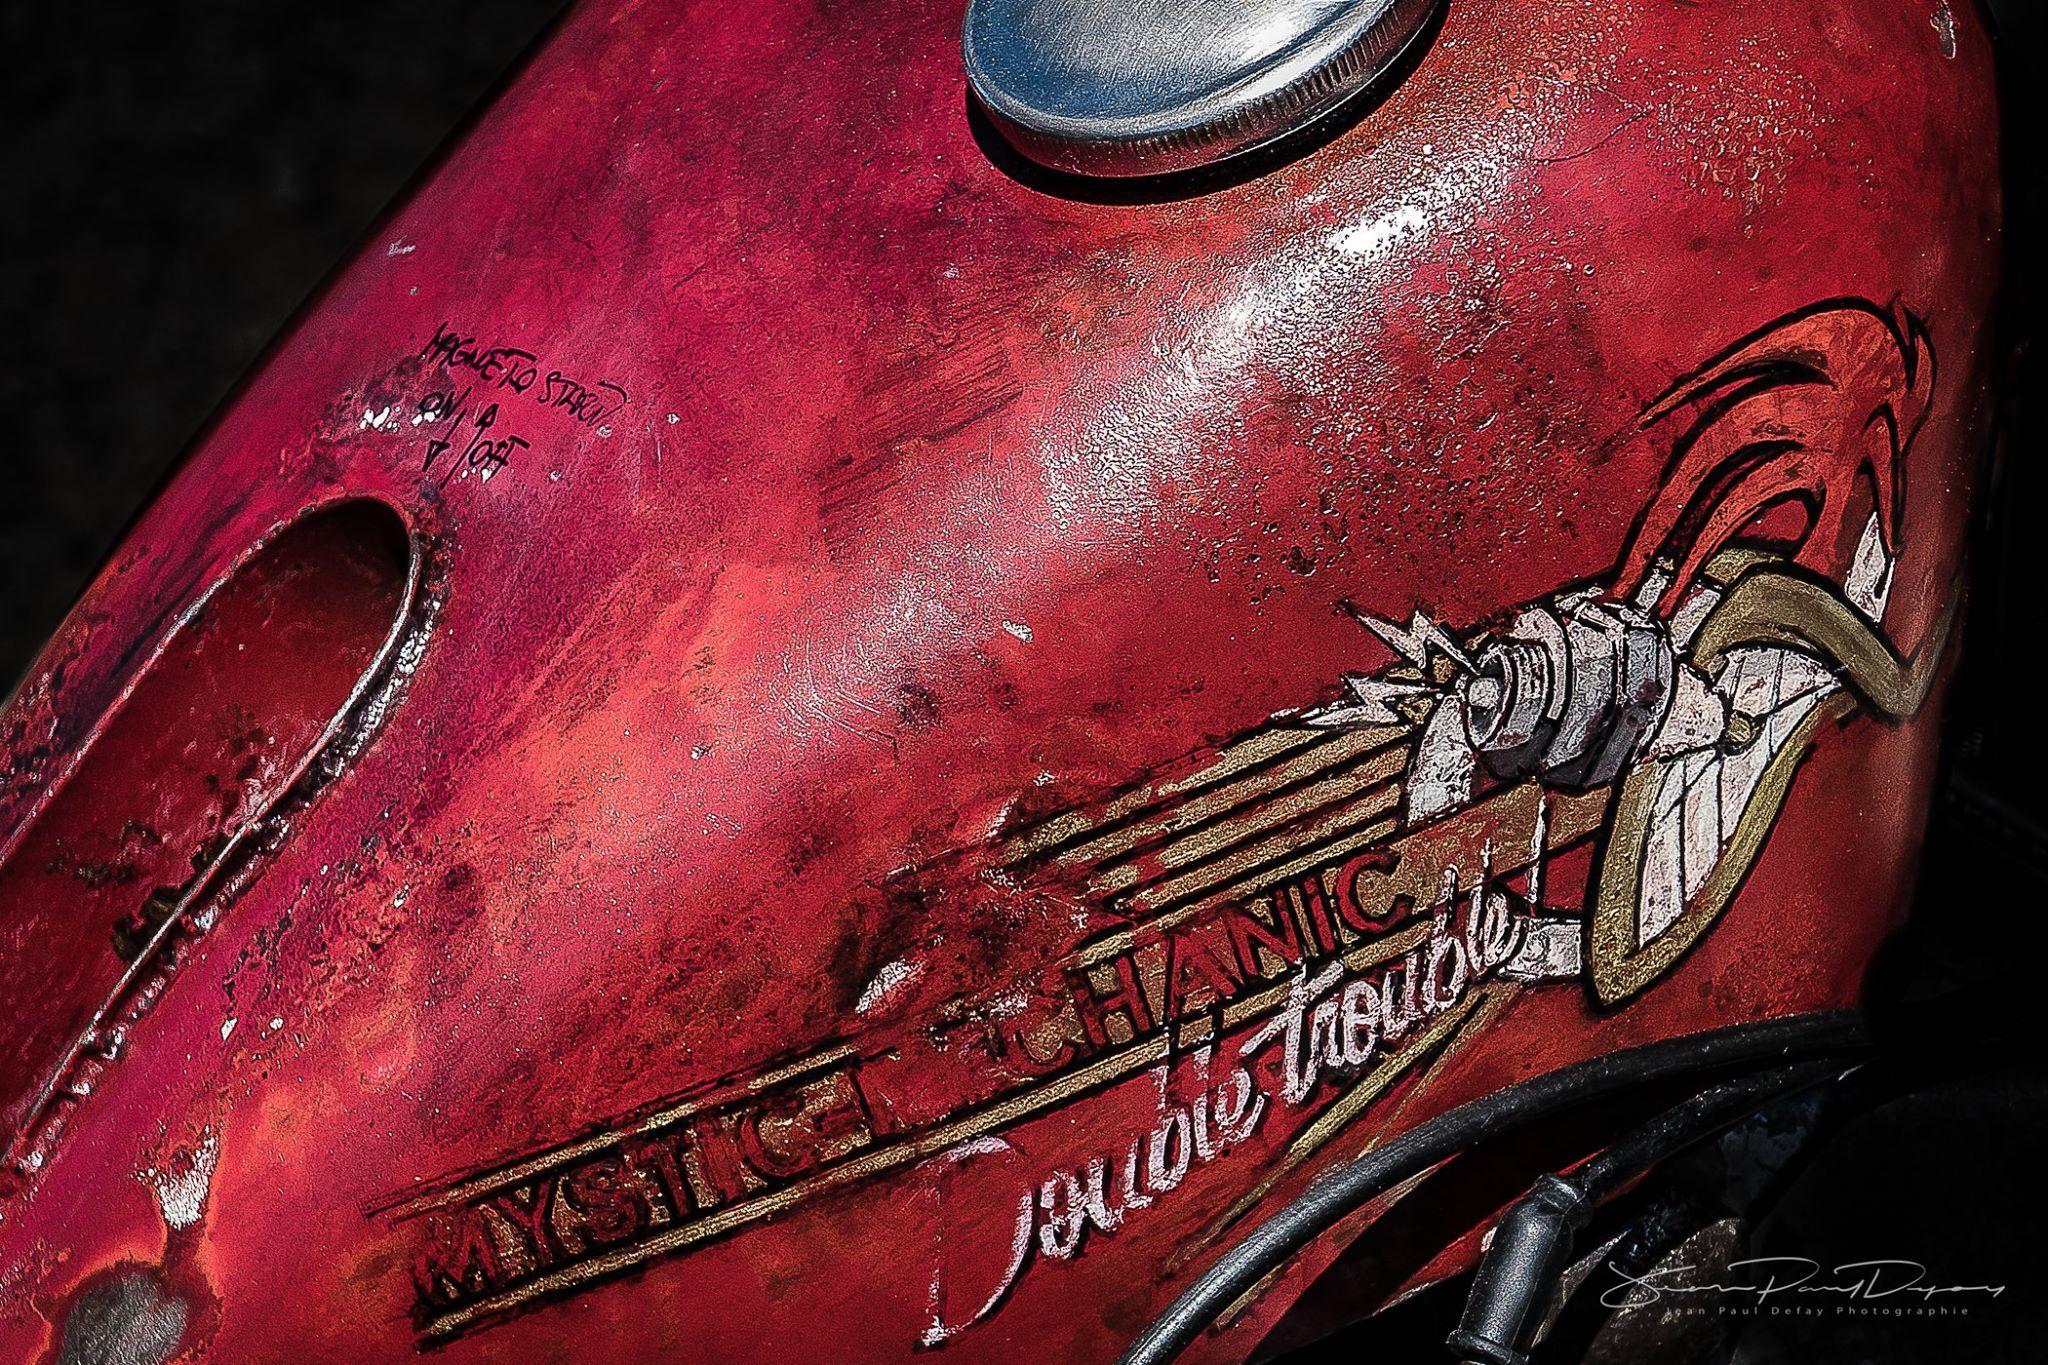 Painted Vintage Custom Motorcycle Gas Tank Hand Painted Illustration Custom Paint Motorcycle Bike Tank Biker Art